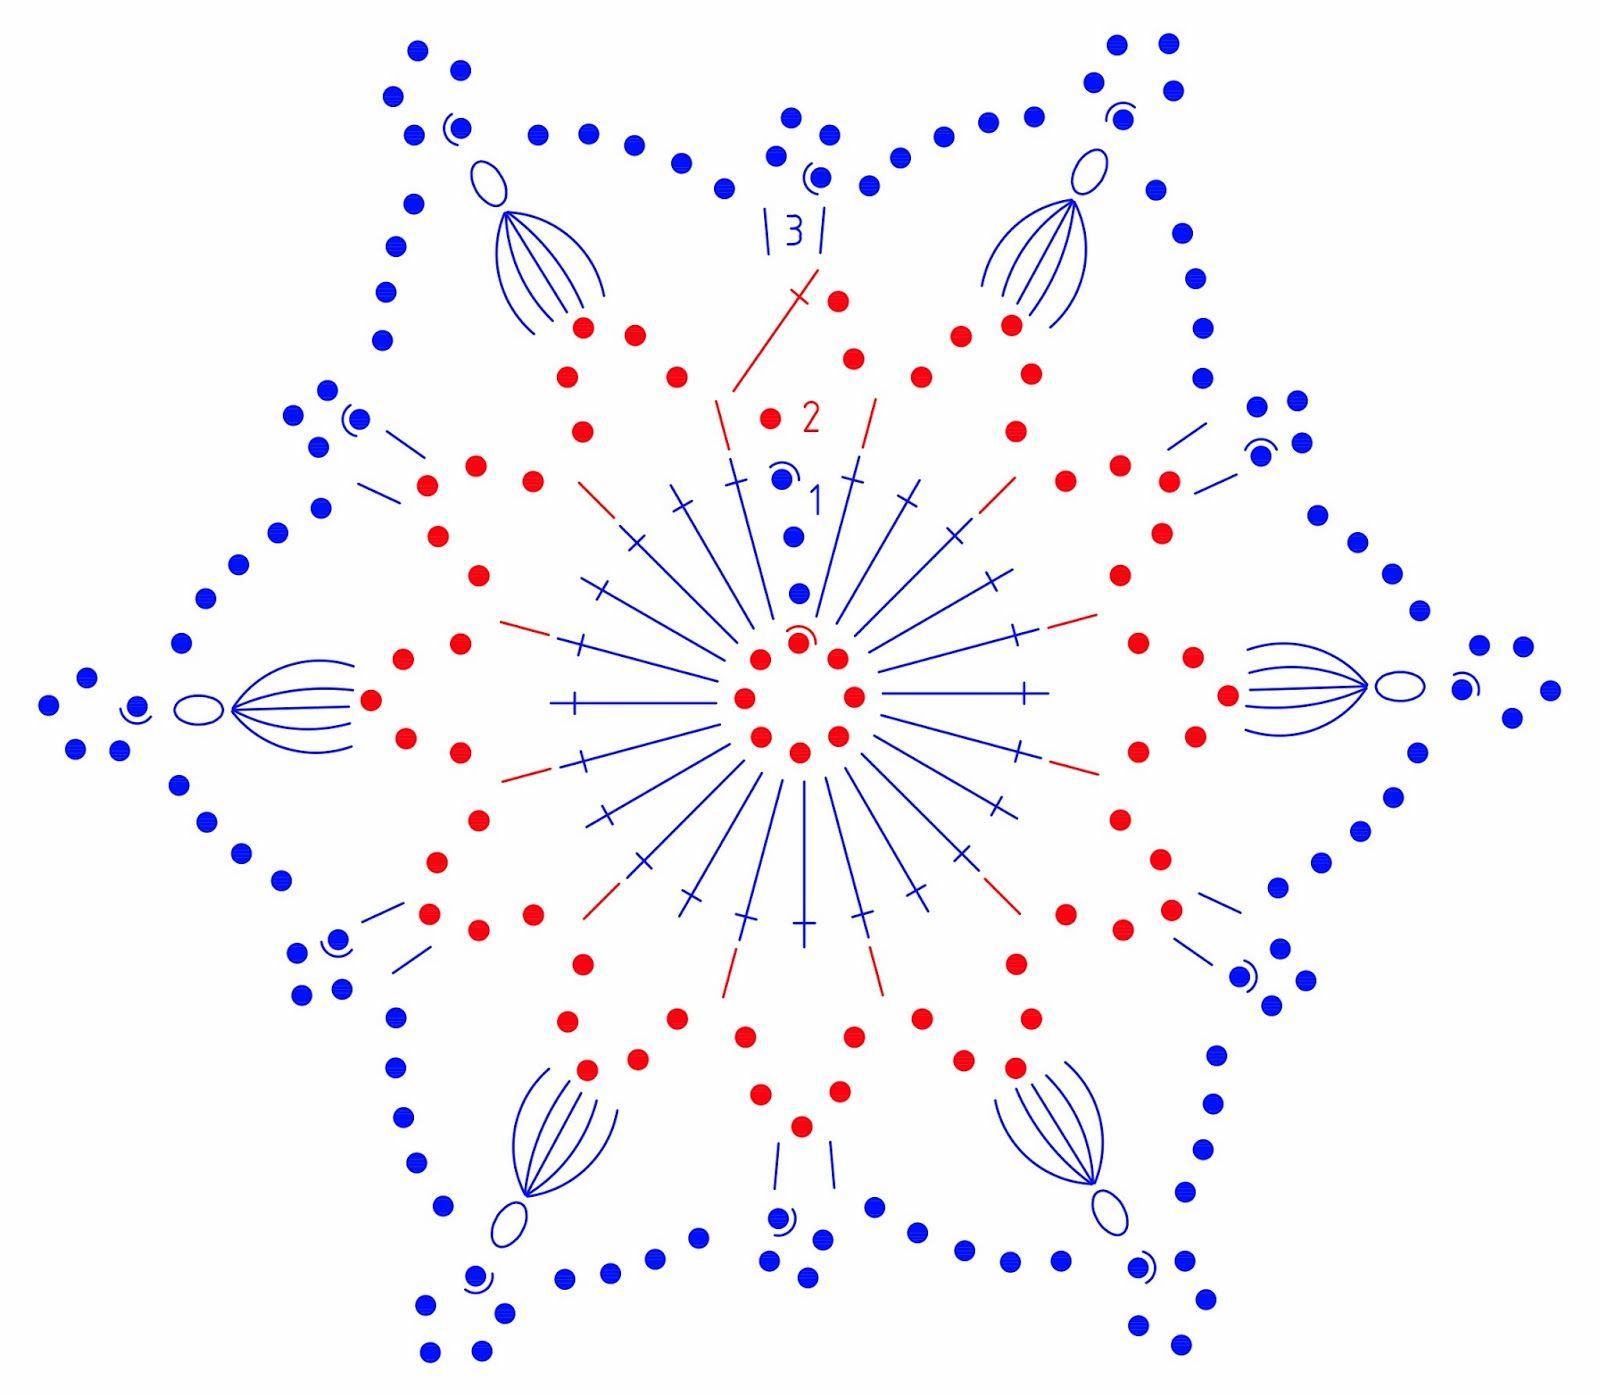 snowflakes crochet 125 schema | Schneeflocken und Sterne | Pinterest ...